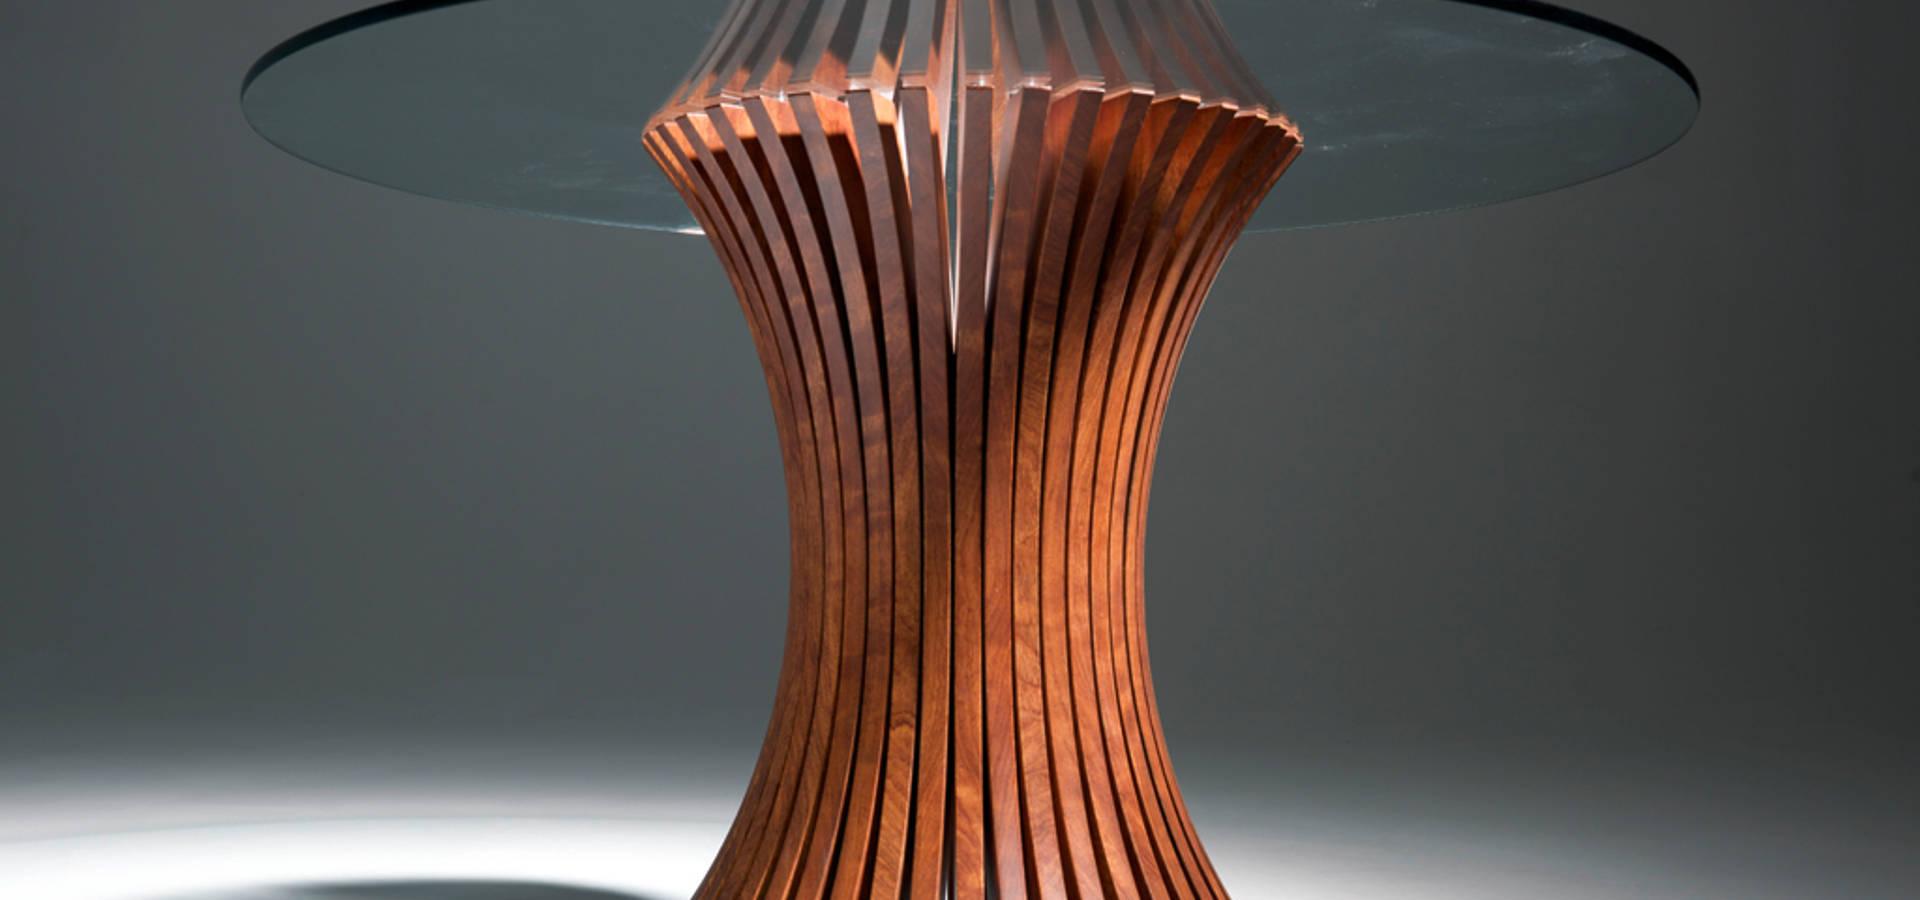 Estudio de diseño,  espacios y mobiliario,  Carmen Menéndez